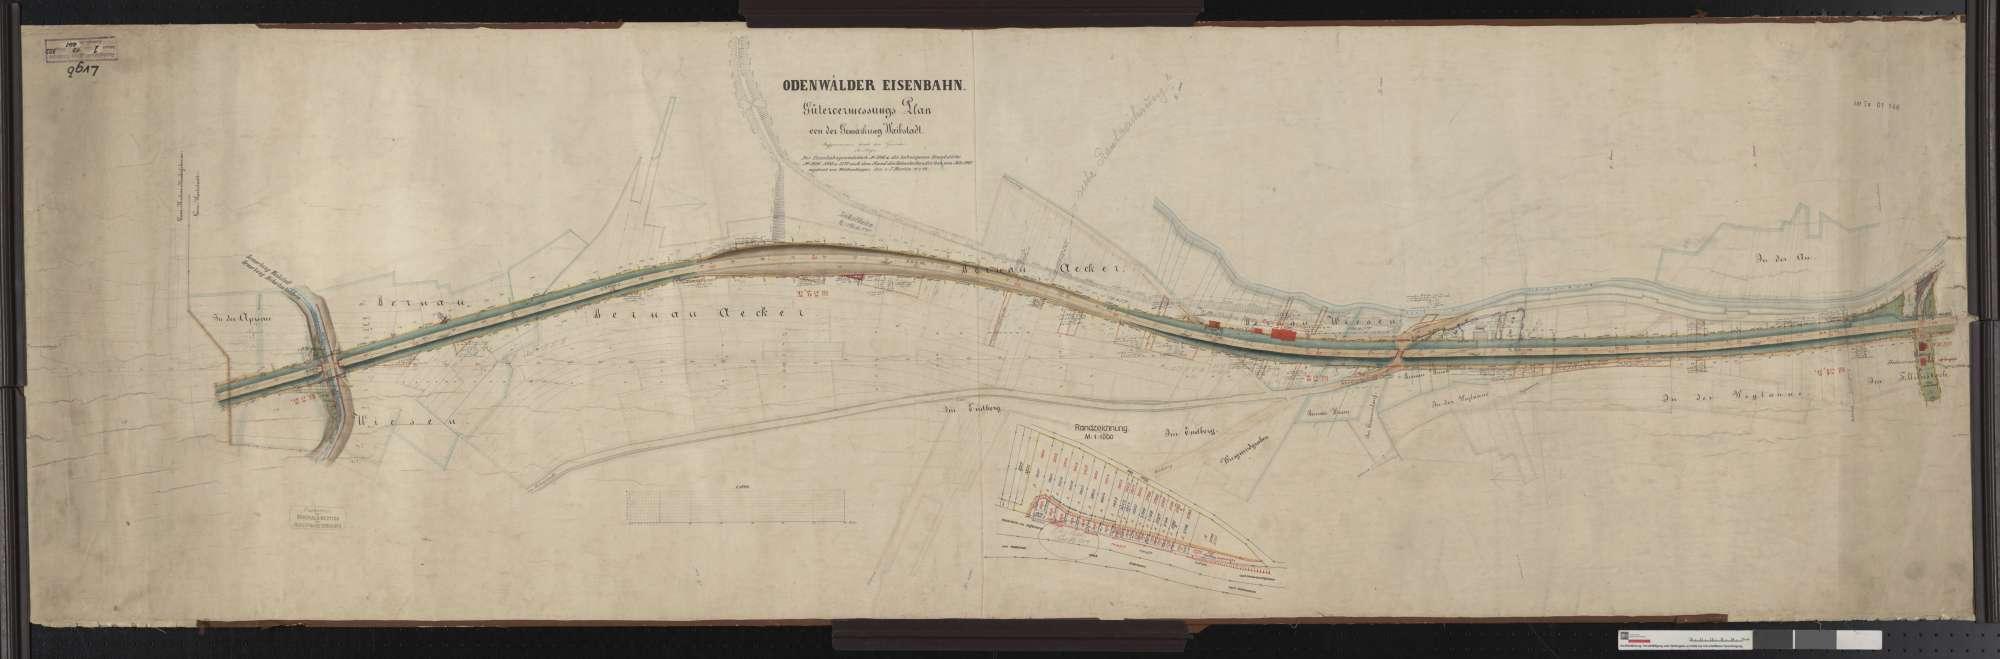 Gütervermessung der Odenwälder Eisenbahn: Gemarkung Waibstadt Streckenausschnitt: 31,4 bis 33,1 km, Bild 1